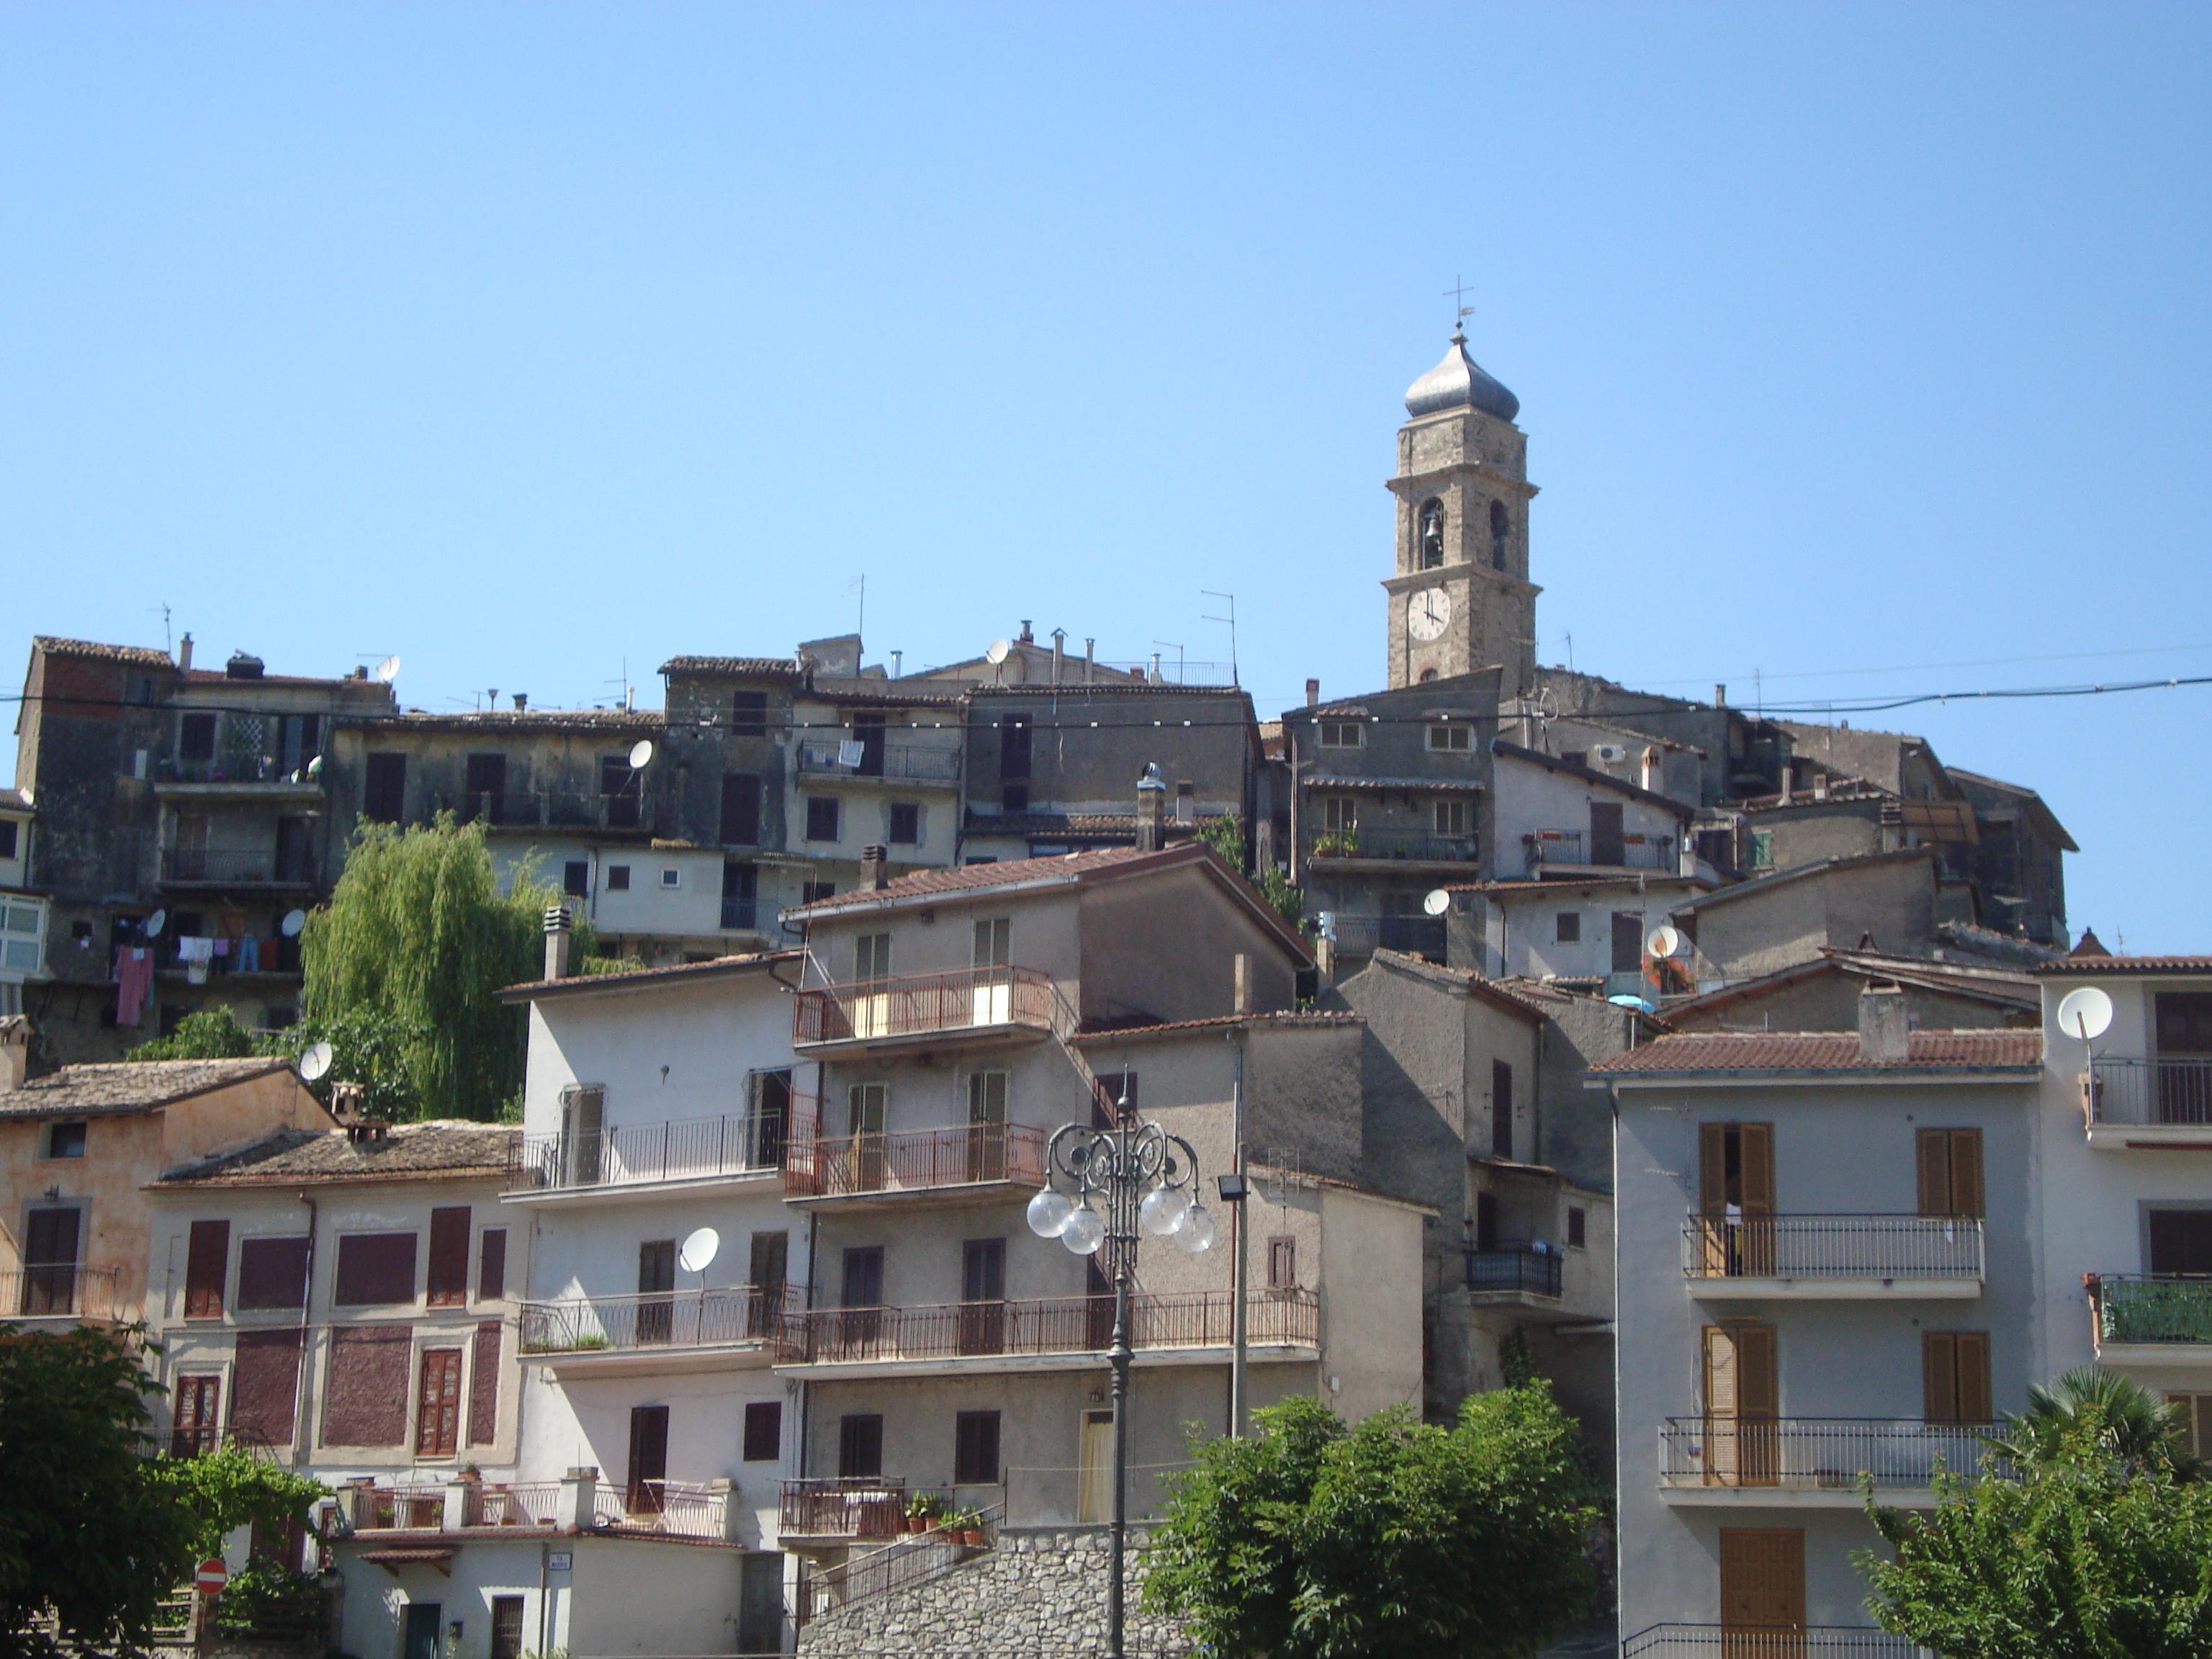 Monte Porzio Catone Cosa Vedere agosta, lazio - wikipedia